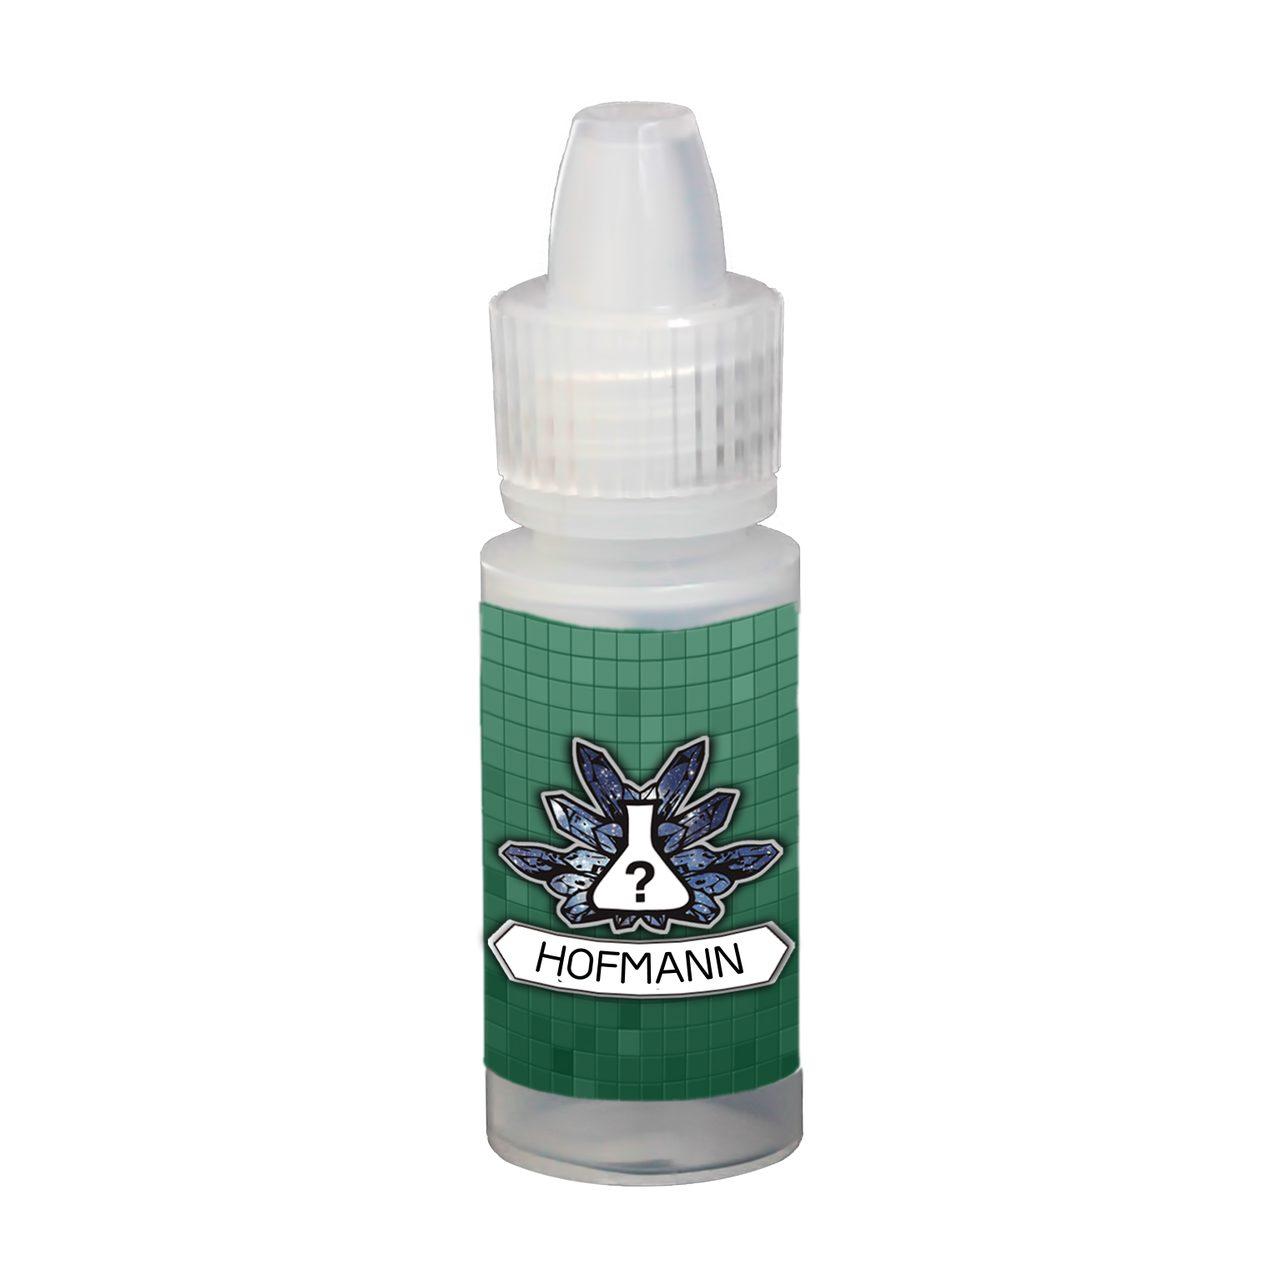 hofmann-spot-test-kit.png